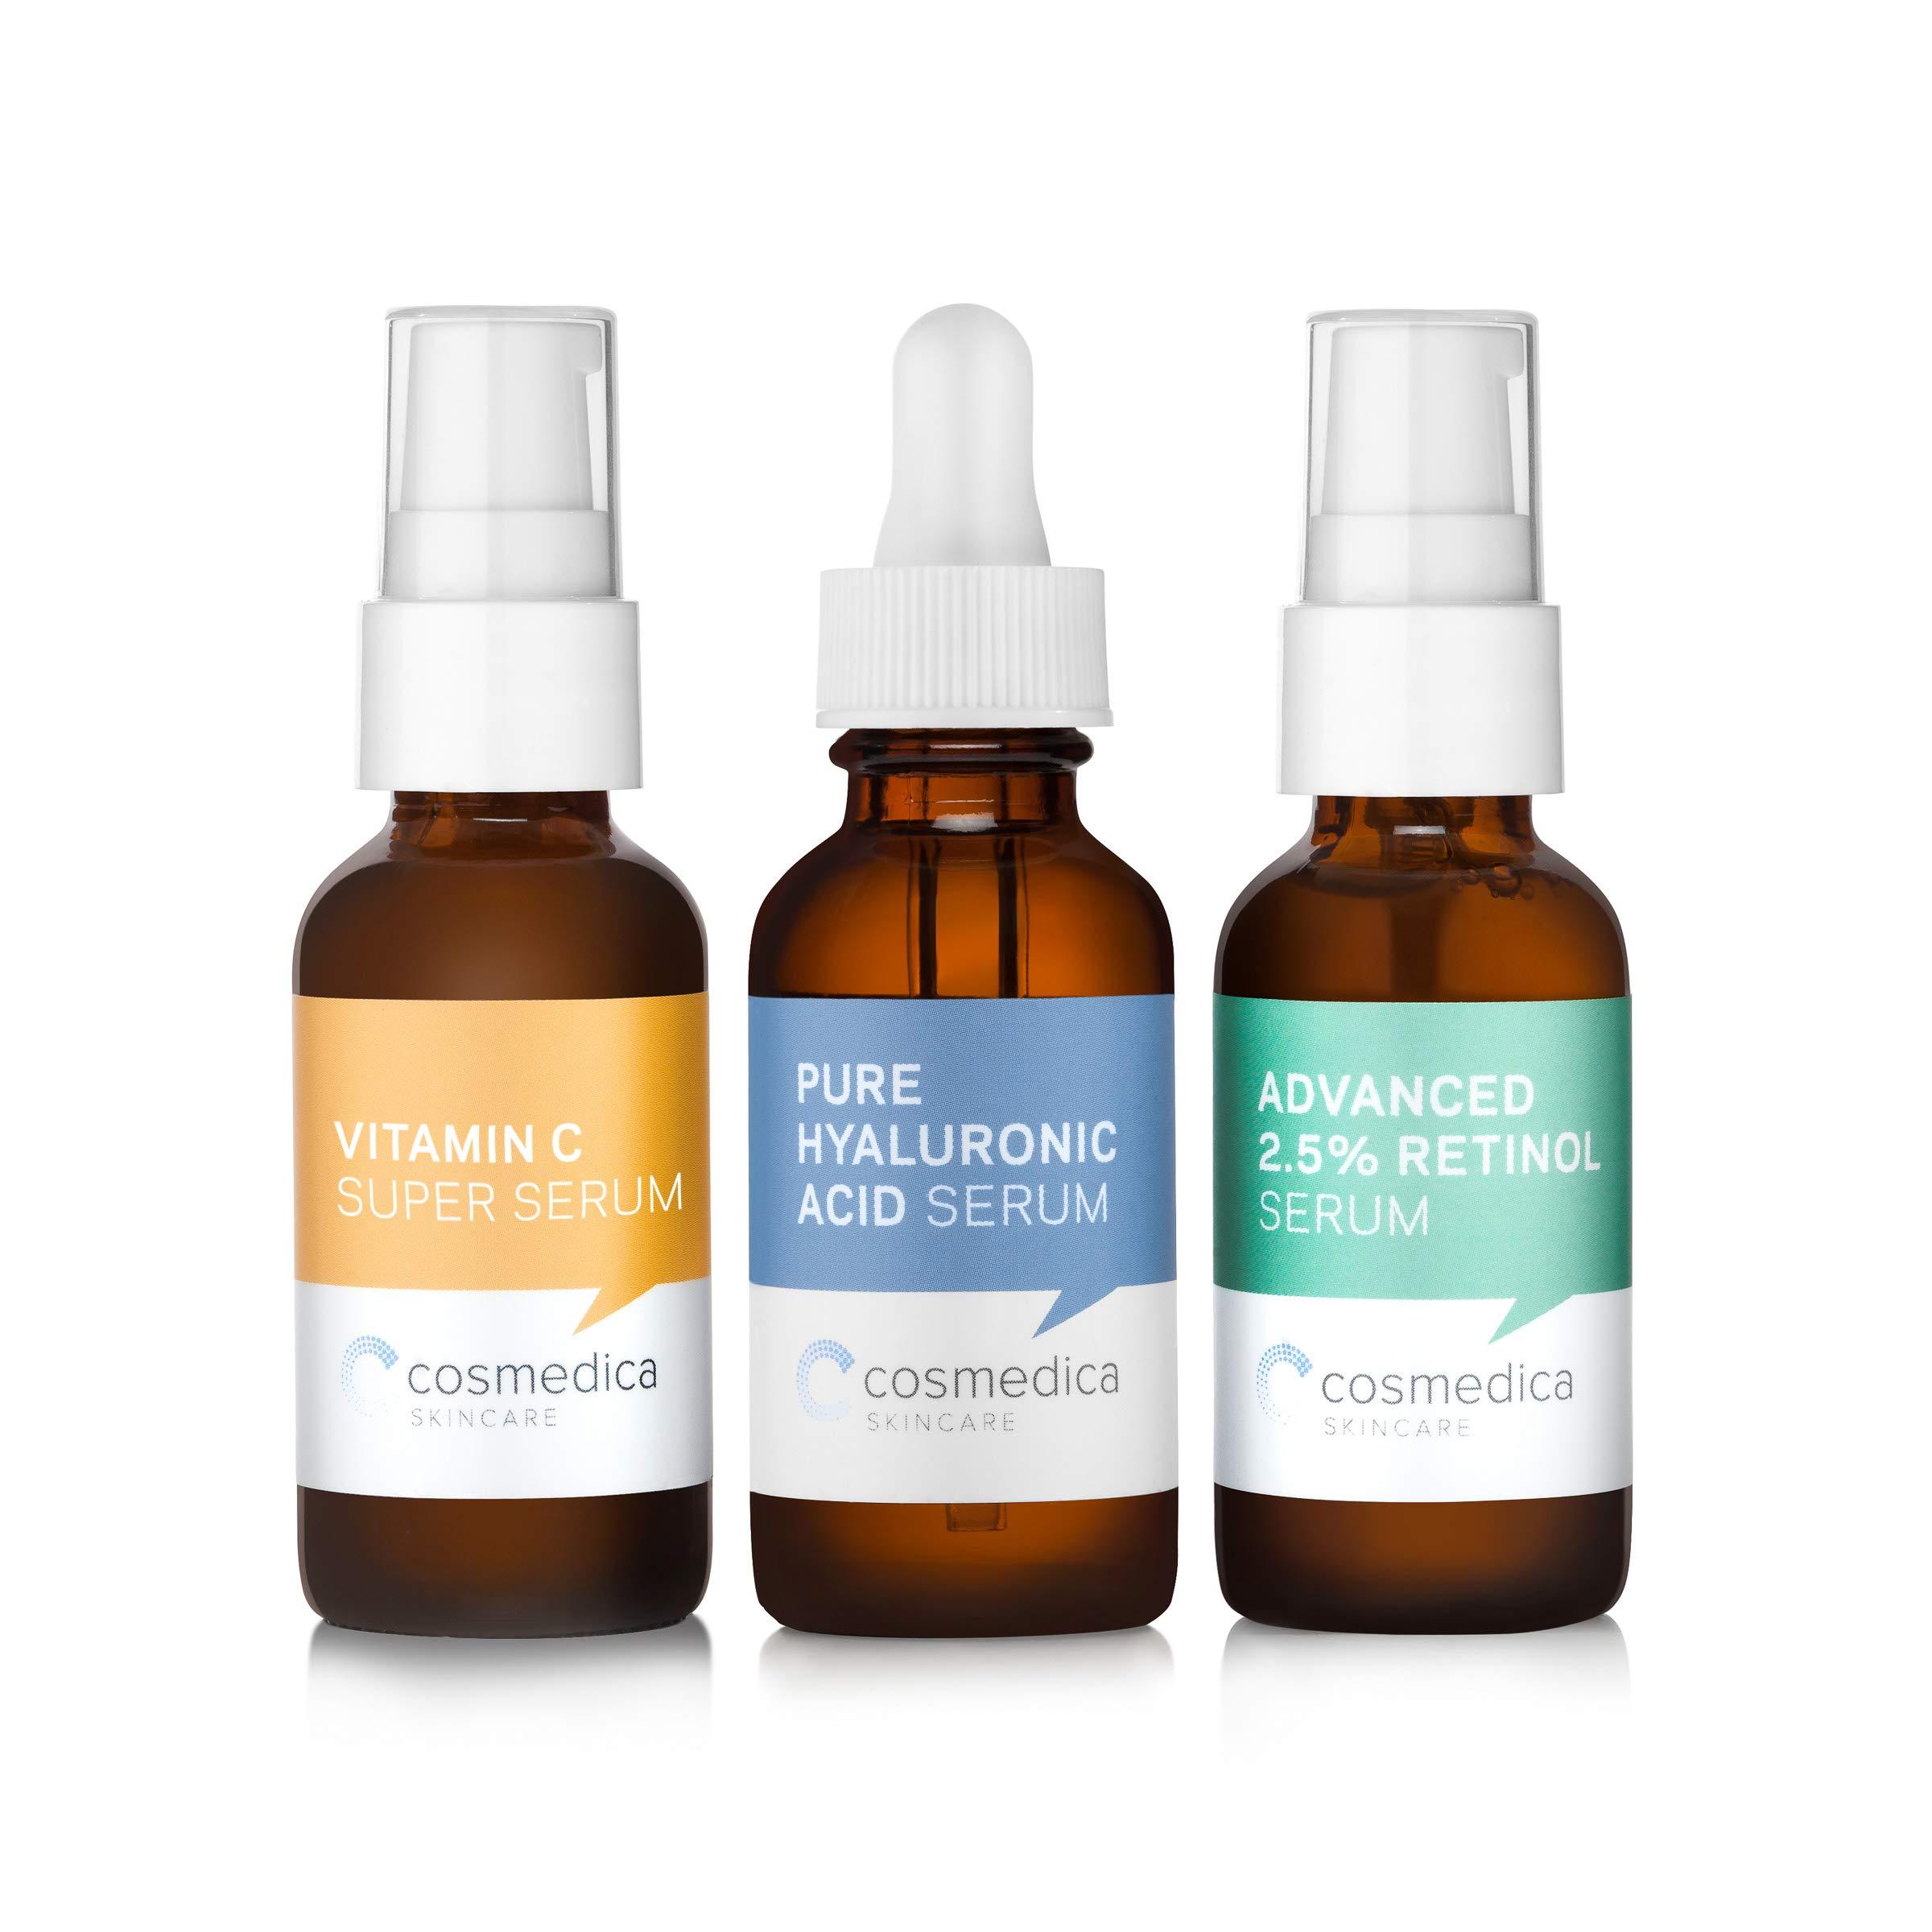 Trio Set Value- Vitamin C Super Serum Retinol Serum 2.5% Hyaluronic Acid Serum